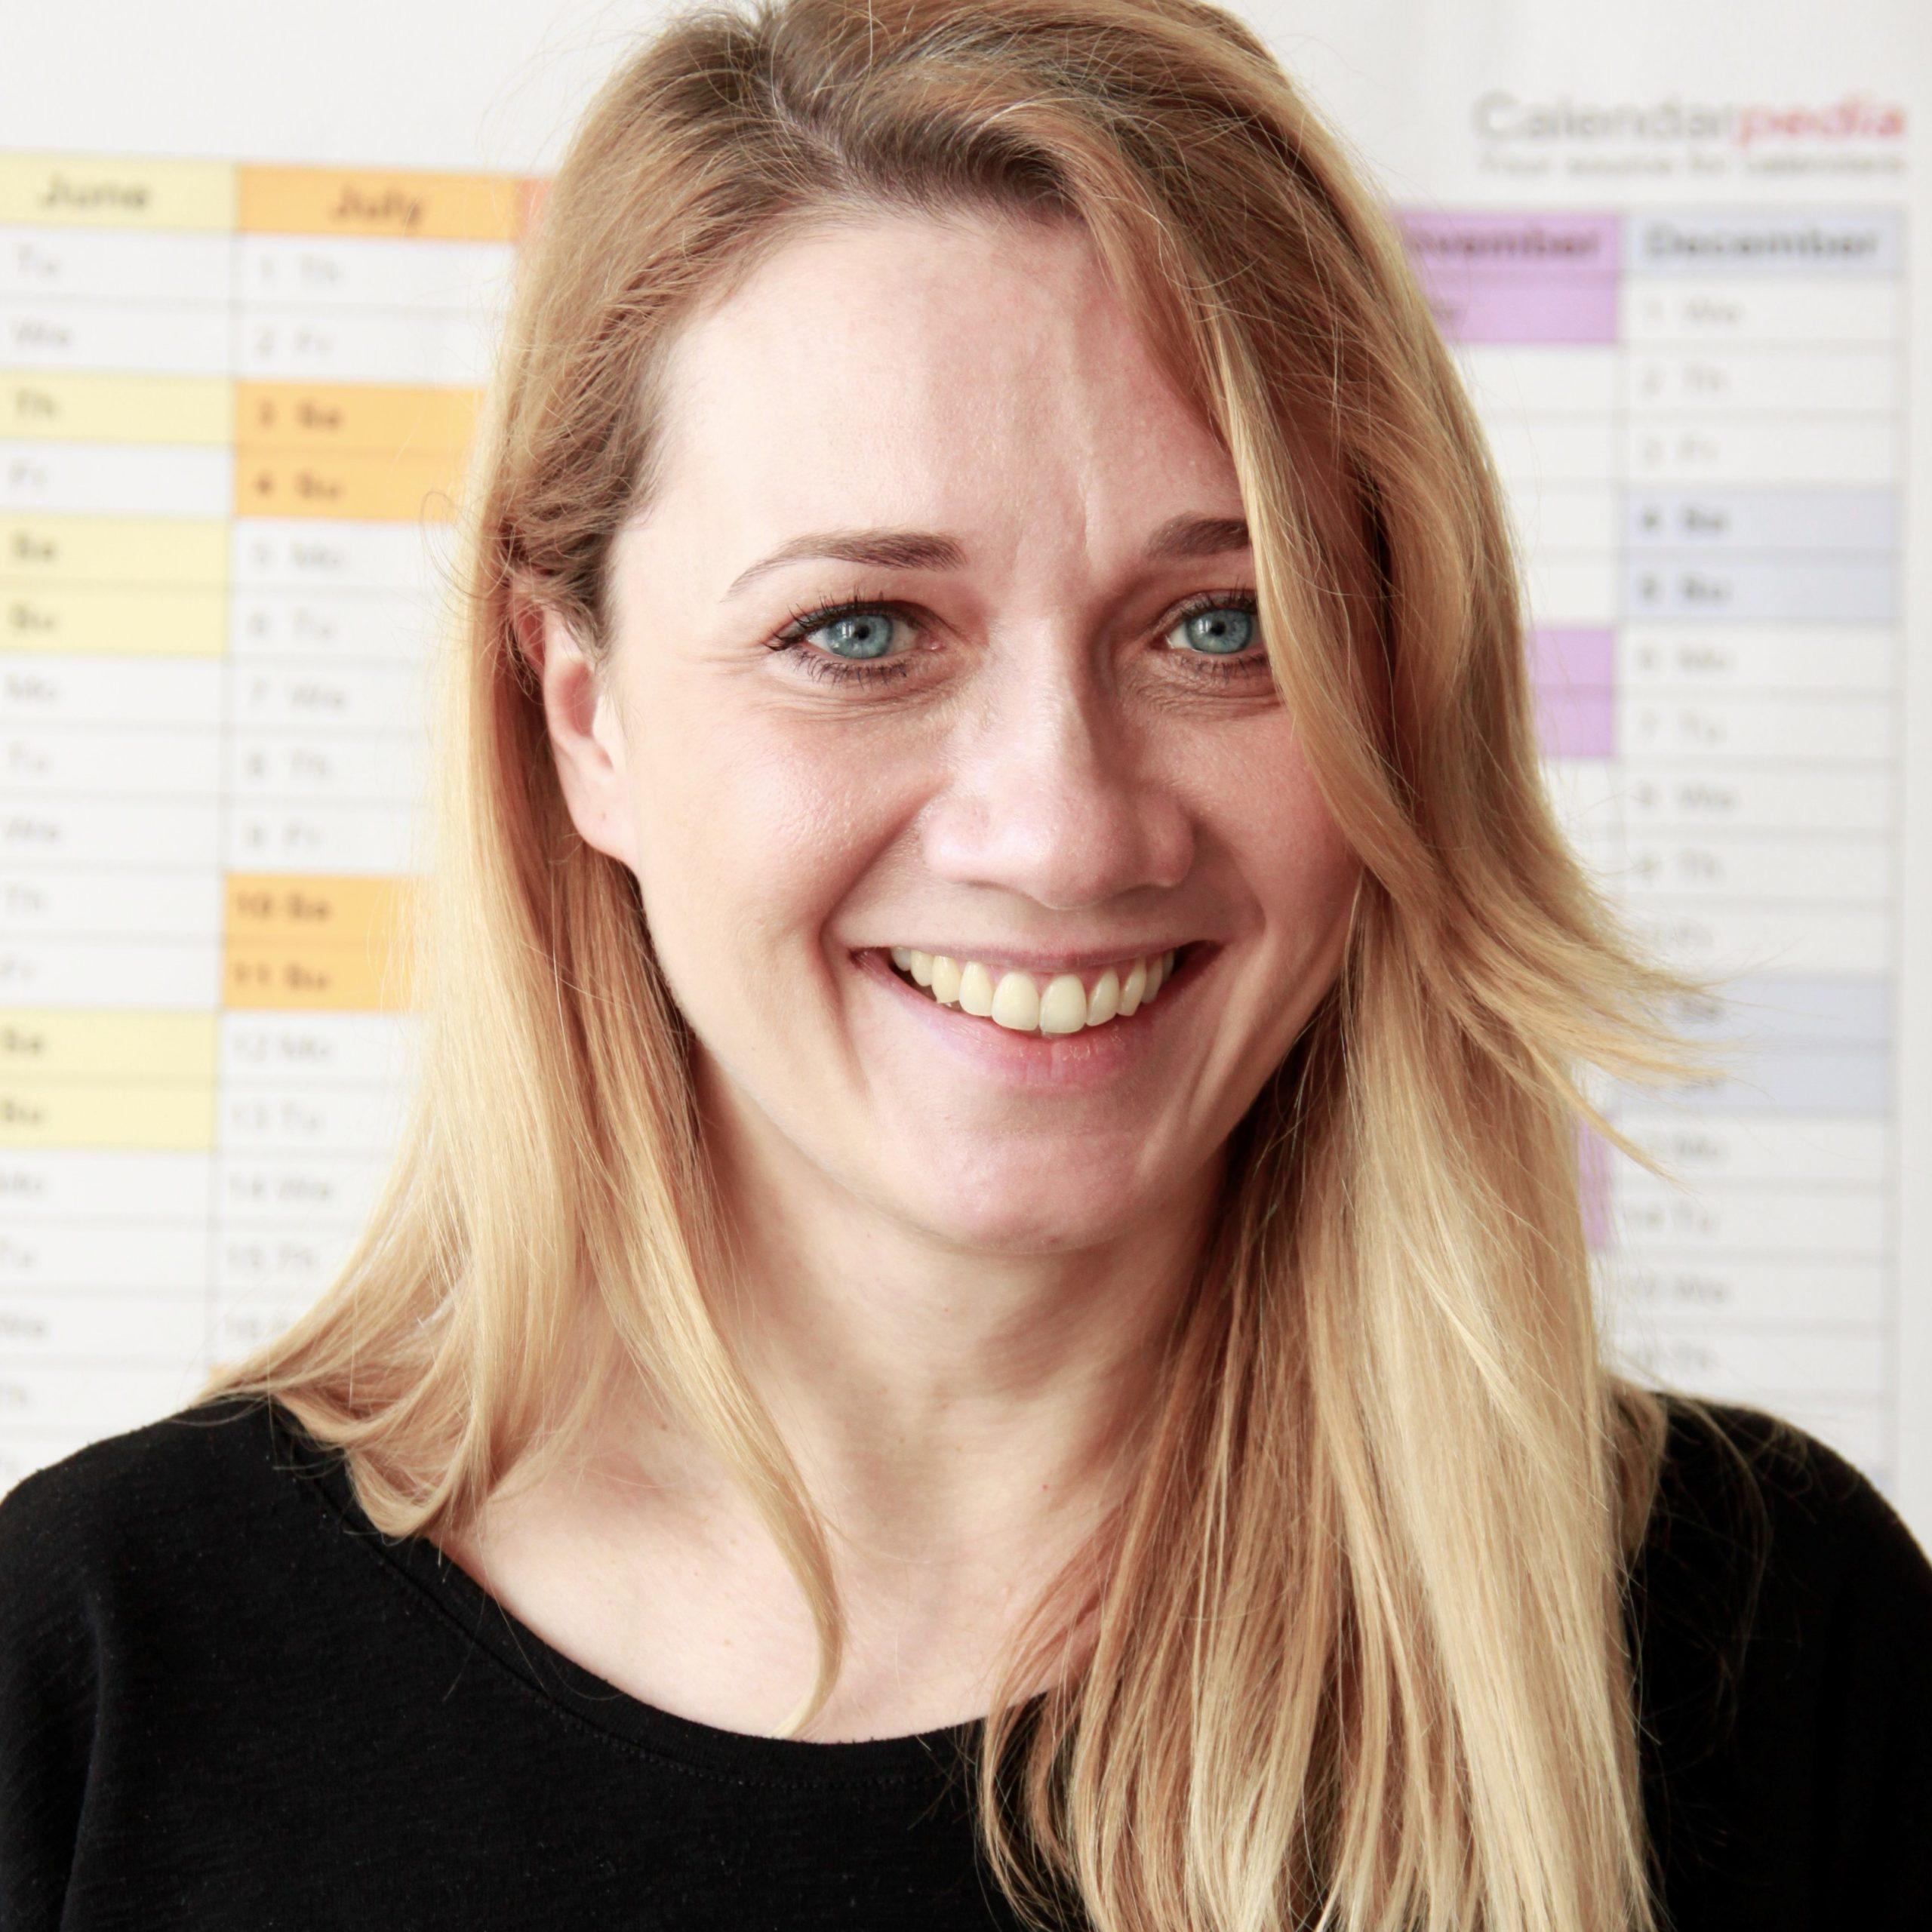 Maria Wojtacha Dyrektor Fundacji Internationaler Bund Polska